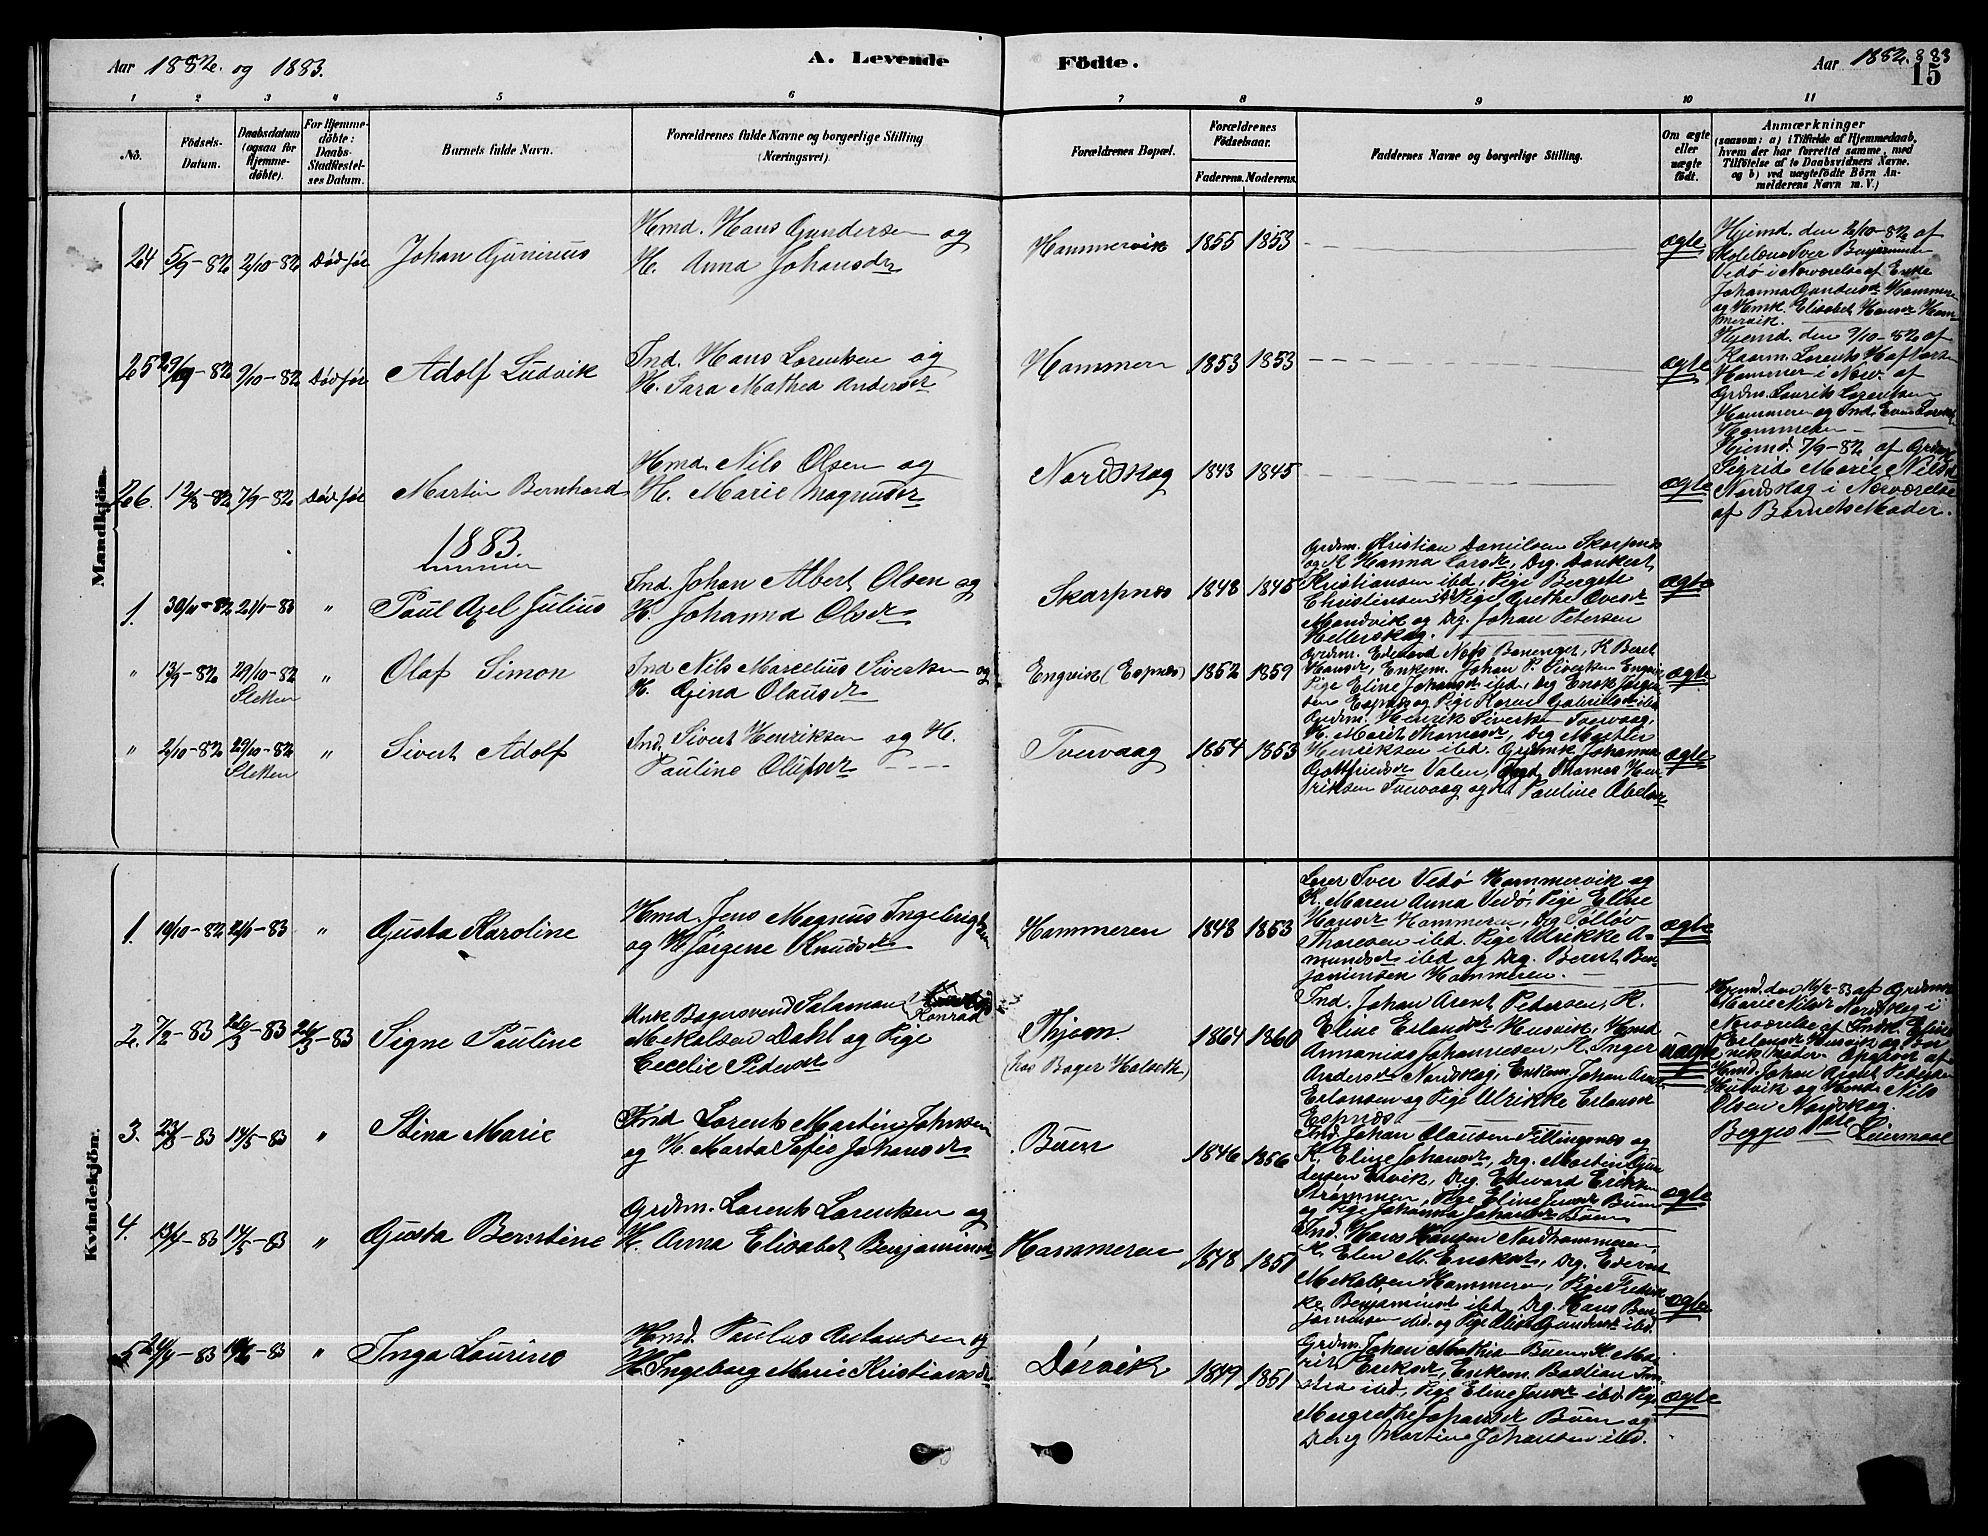 SAT, Ministerialprotokoller, klokkerbøker og fødselsregistre - Sør-Trøndelag, 641/L0597: Klokkerbok nr. 641C01, 1878-1893, s. 15